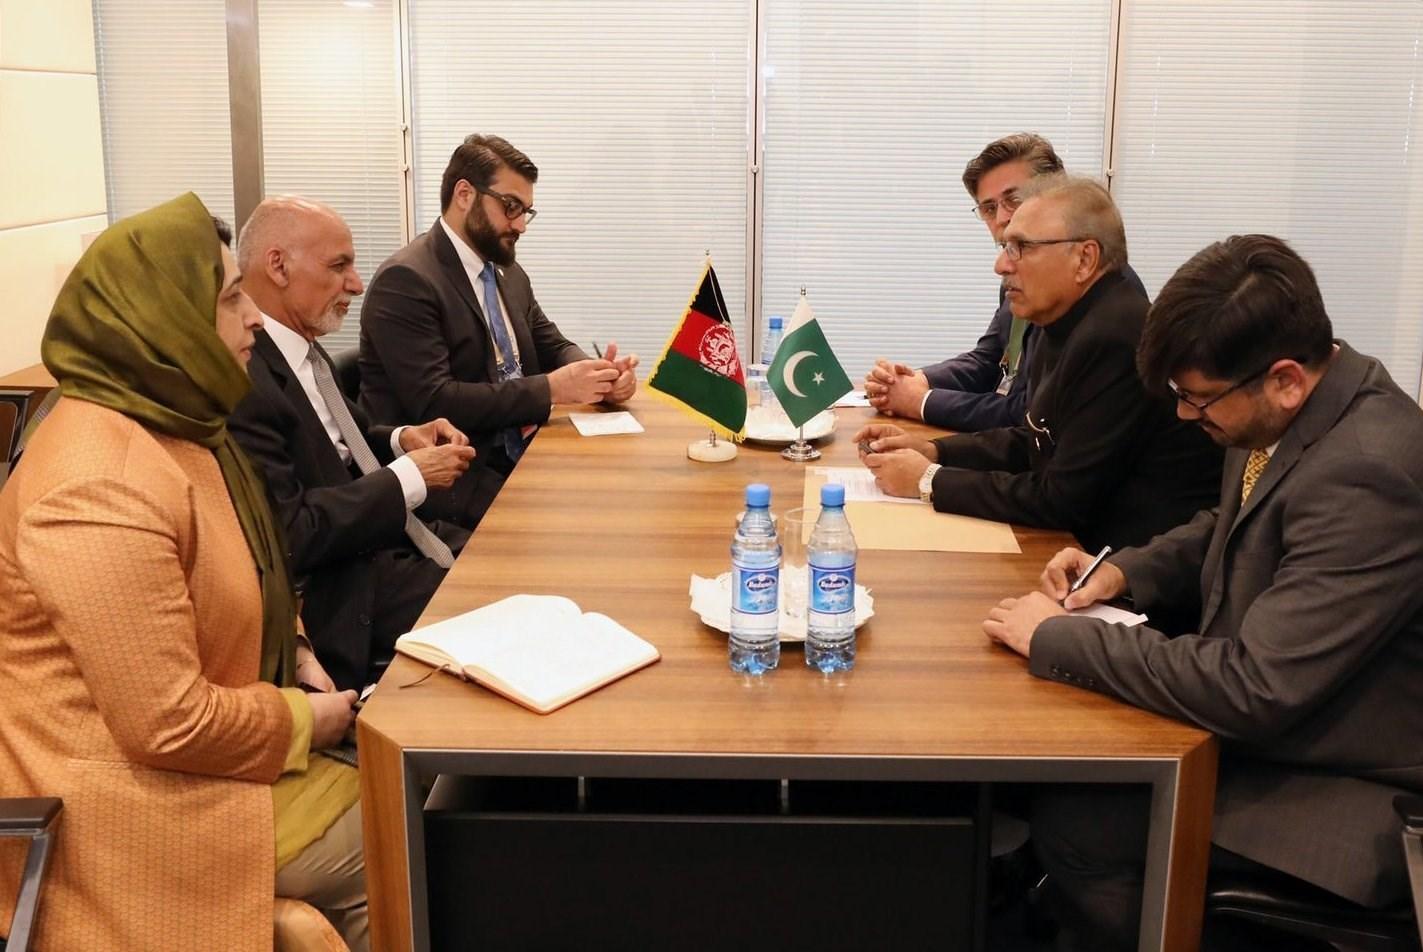 محمداشرف غنی , طالبان , کشور افغانستان , سازمان پیمان آتلانتیک شمالی | ناتو , کشور آمریکا ,